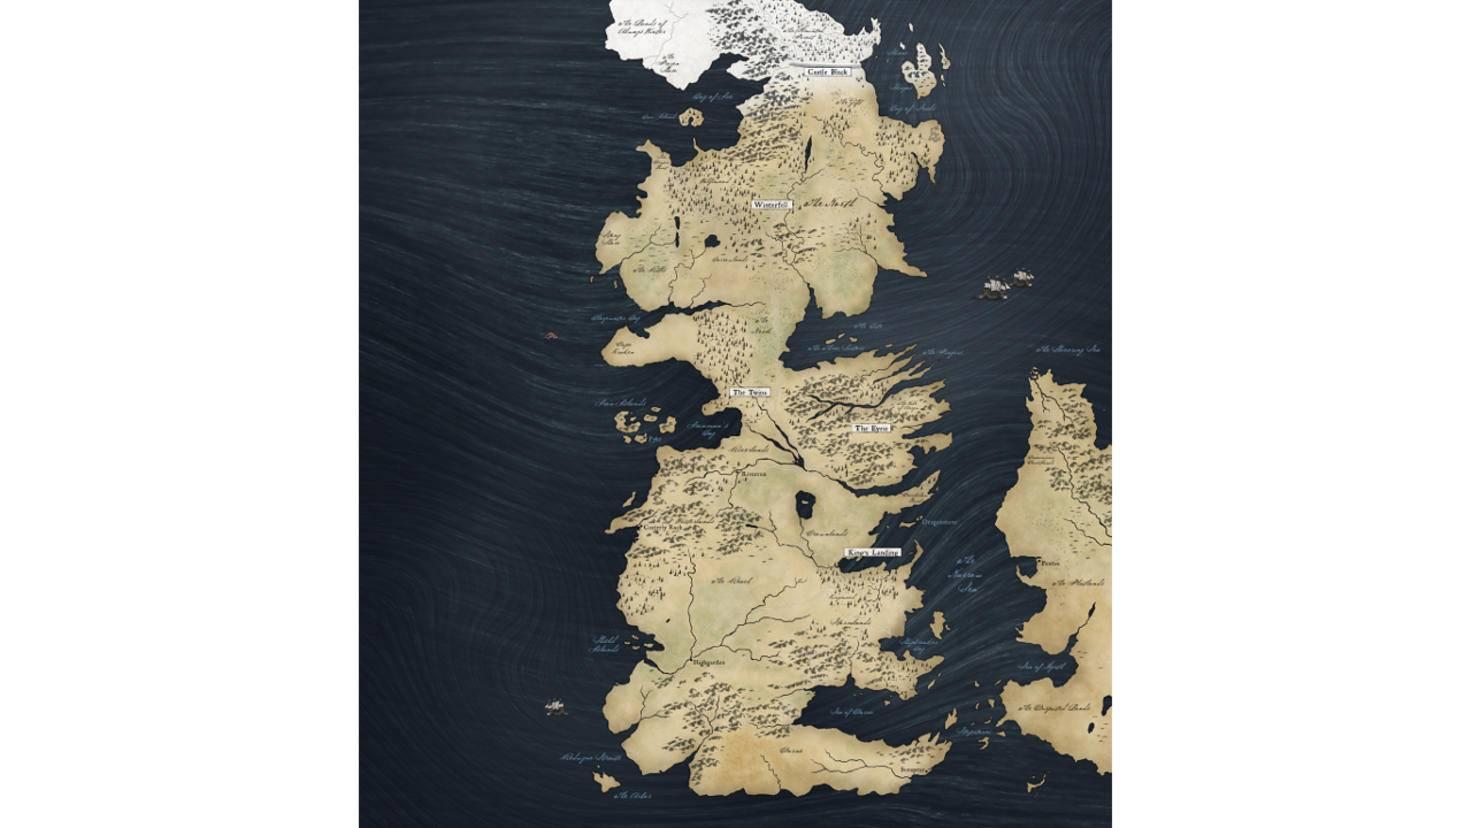 Karte Westeros Essos Deutsch.Game Of Thrones Kontinente Alles über Westeros Essos Und Die 7